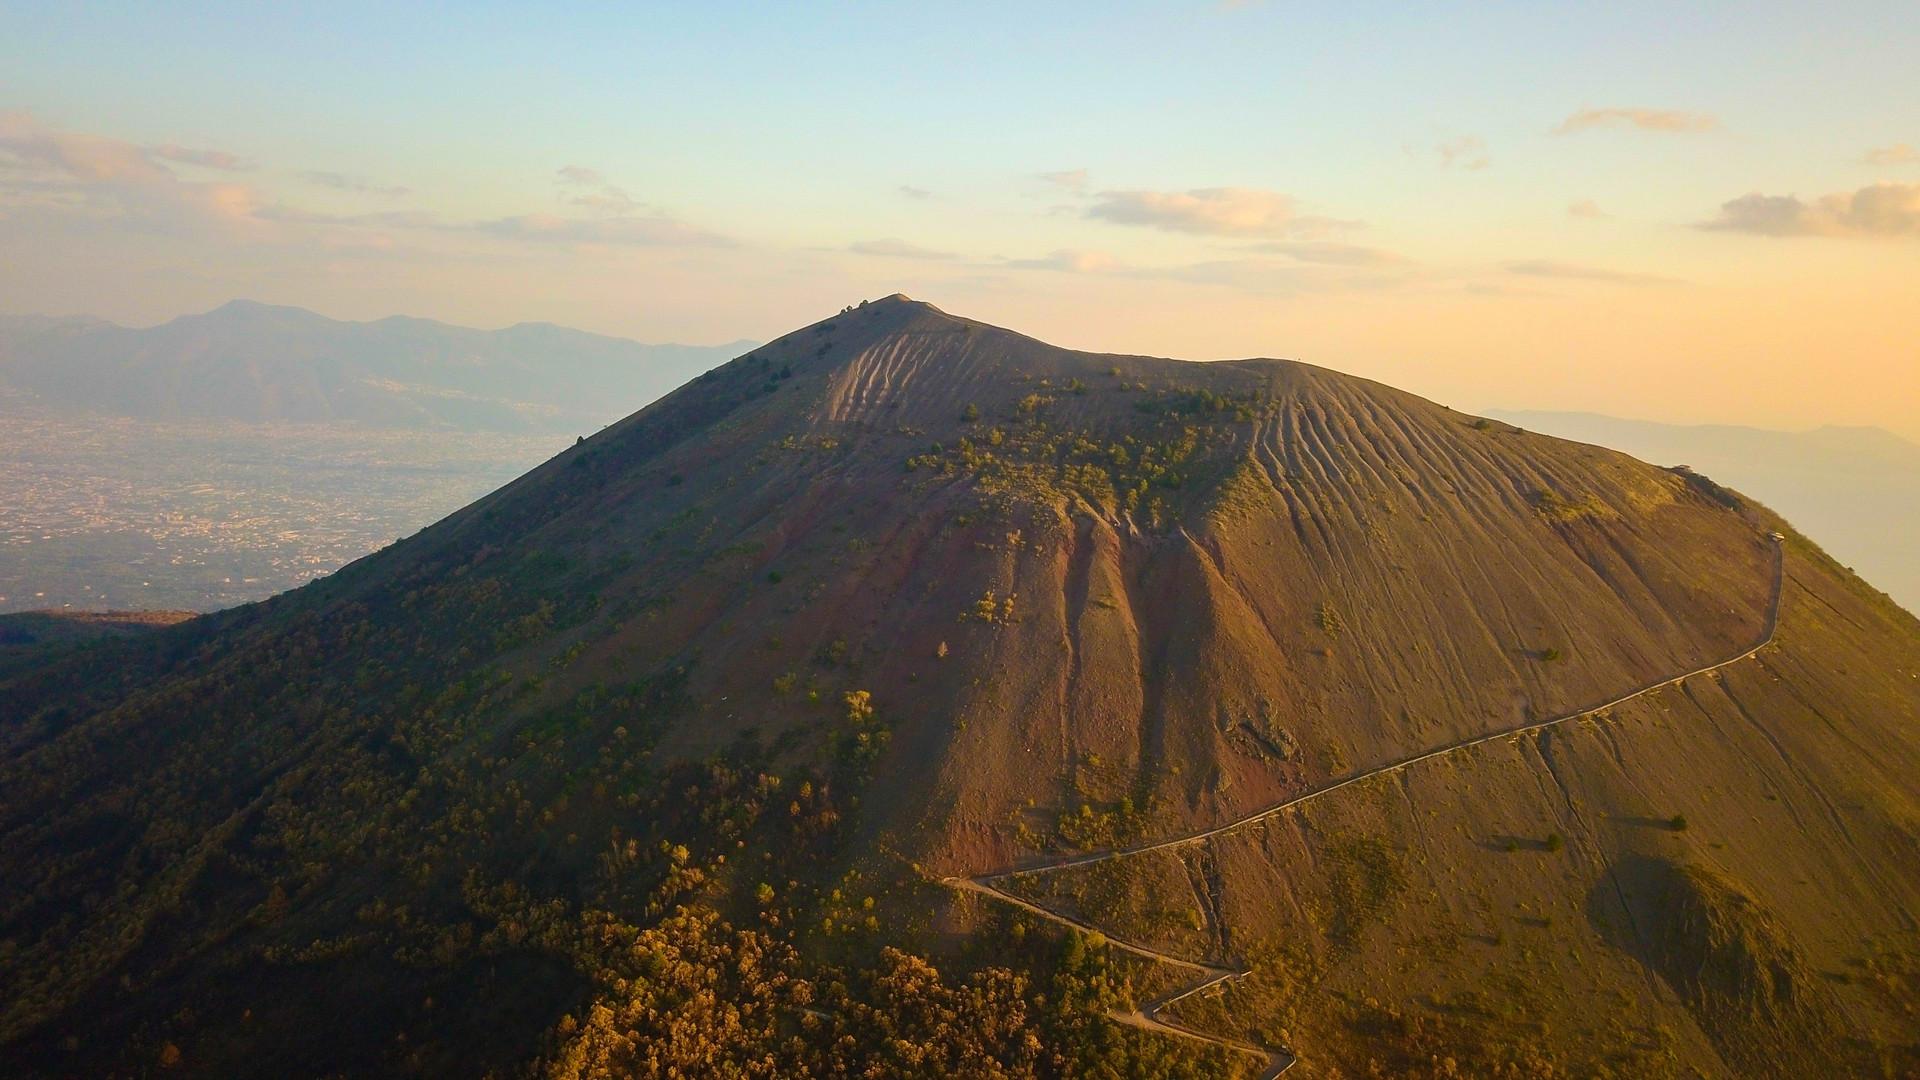 Visita al cratere del Vesuvio